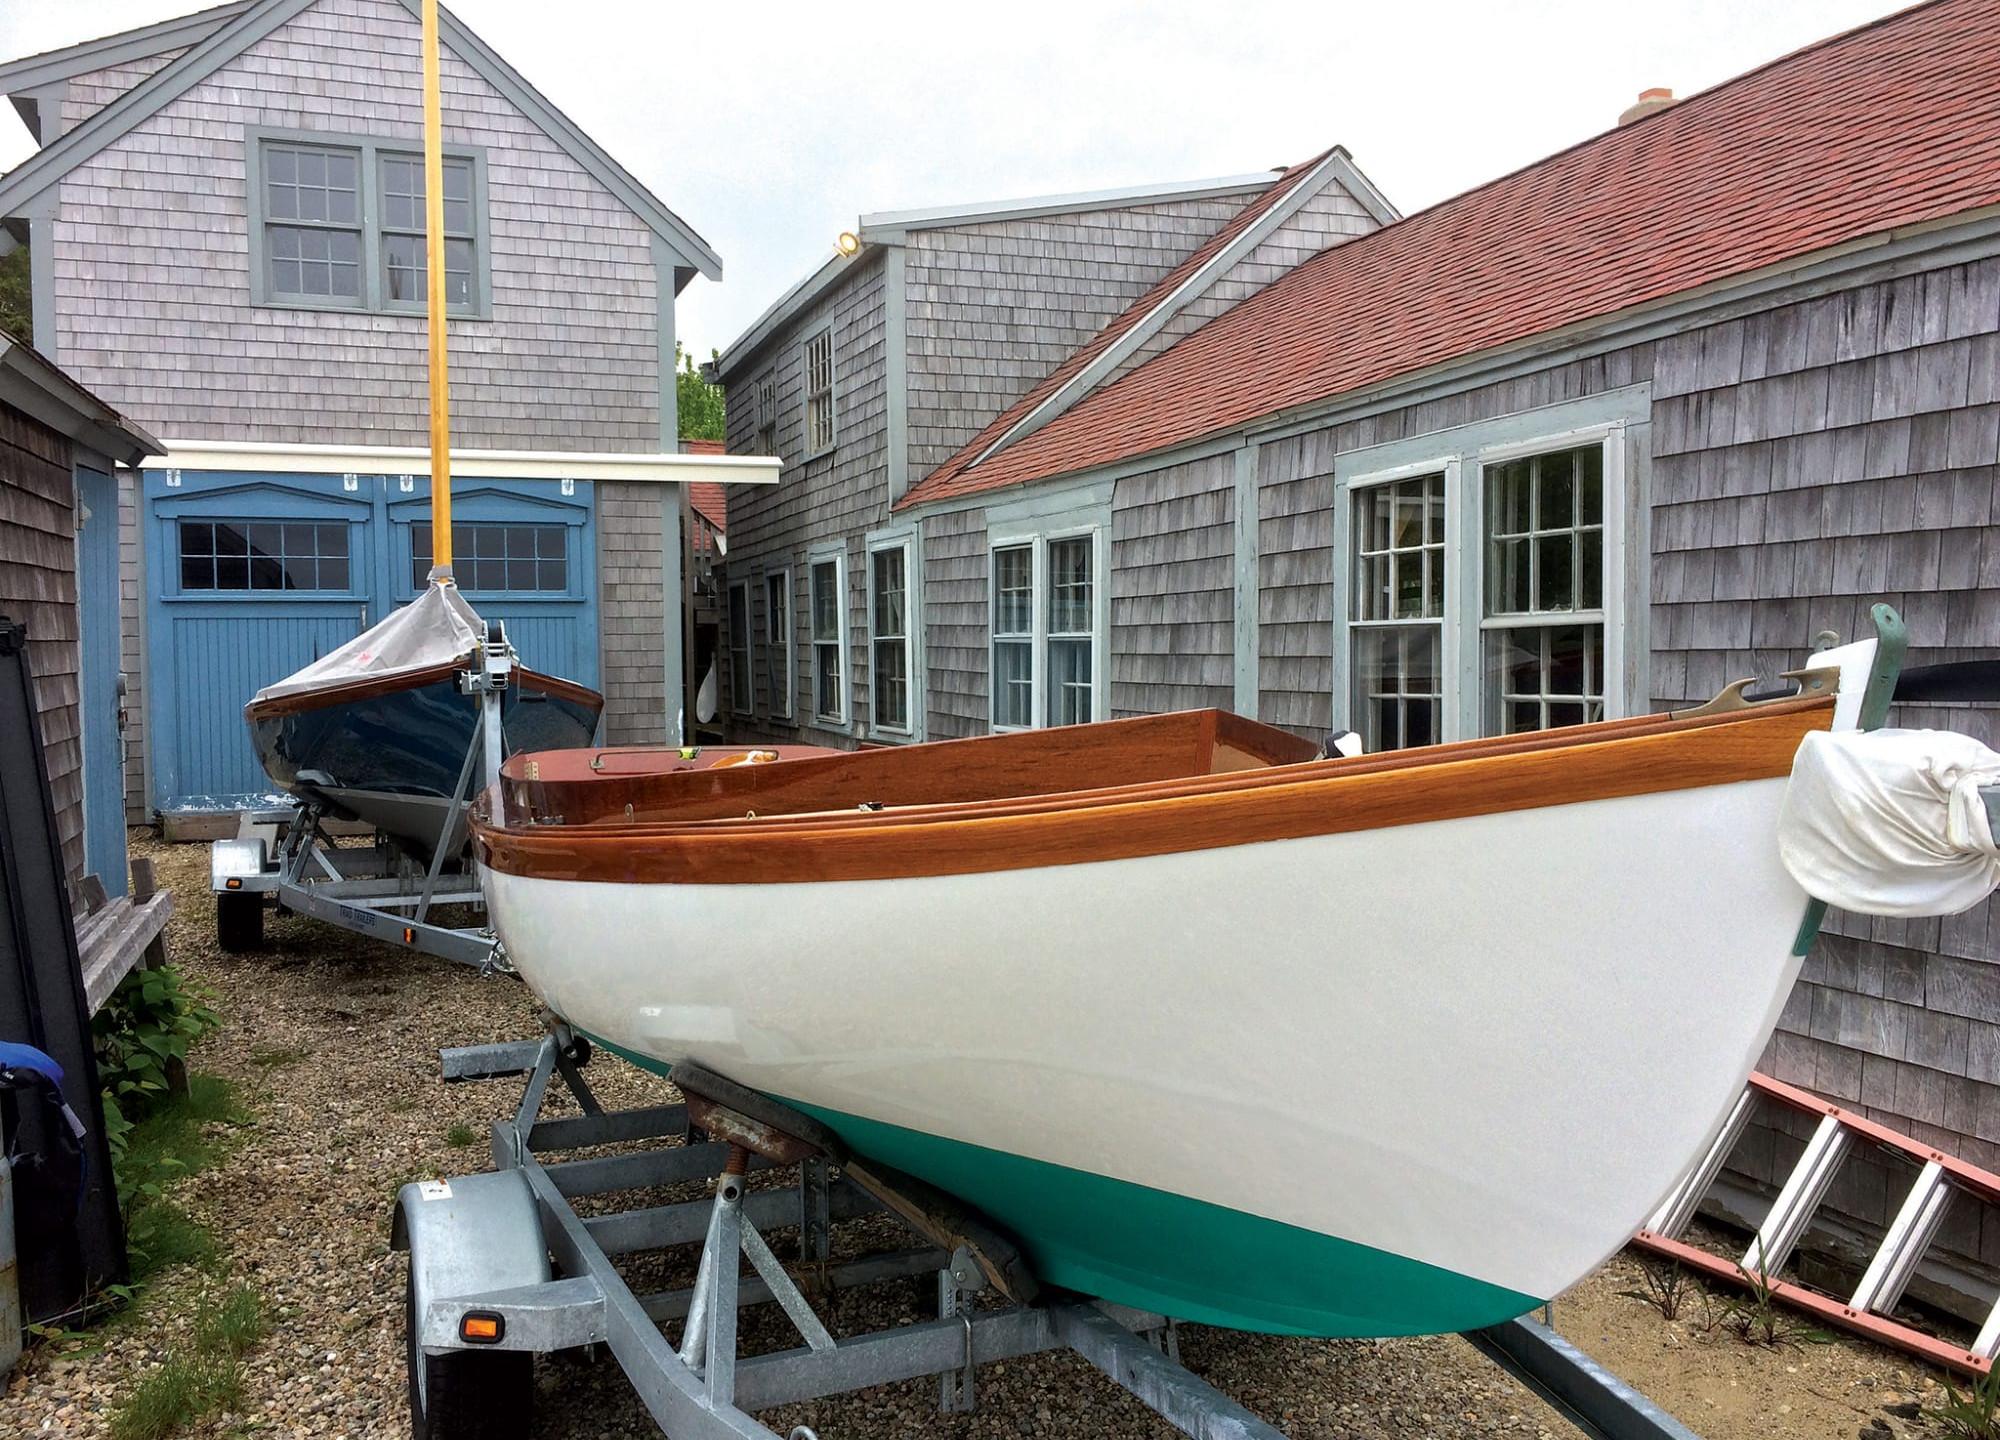 Photo courtesy of Howard Boats